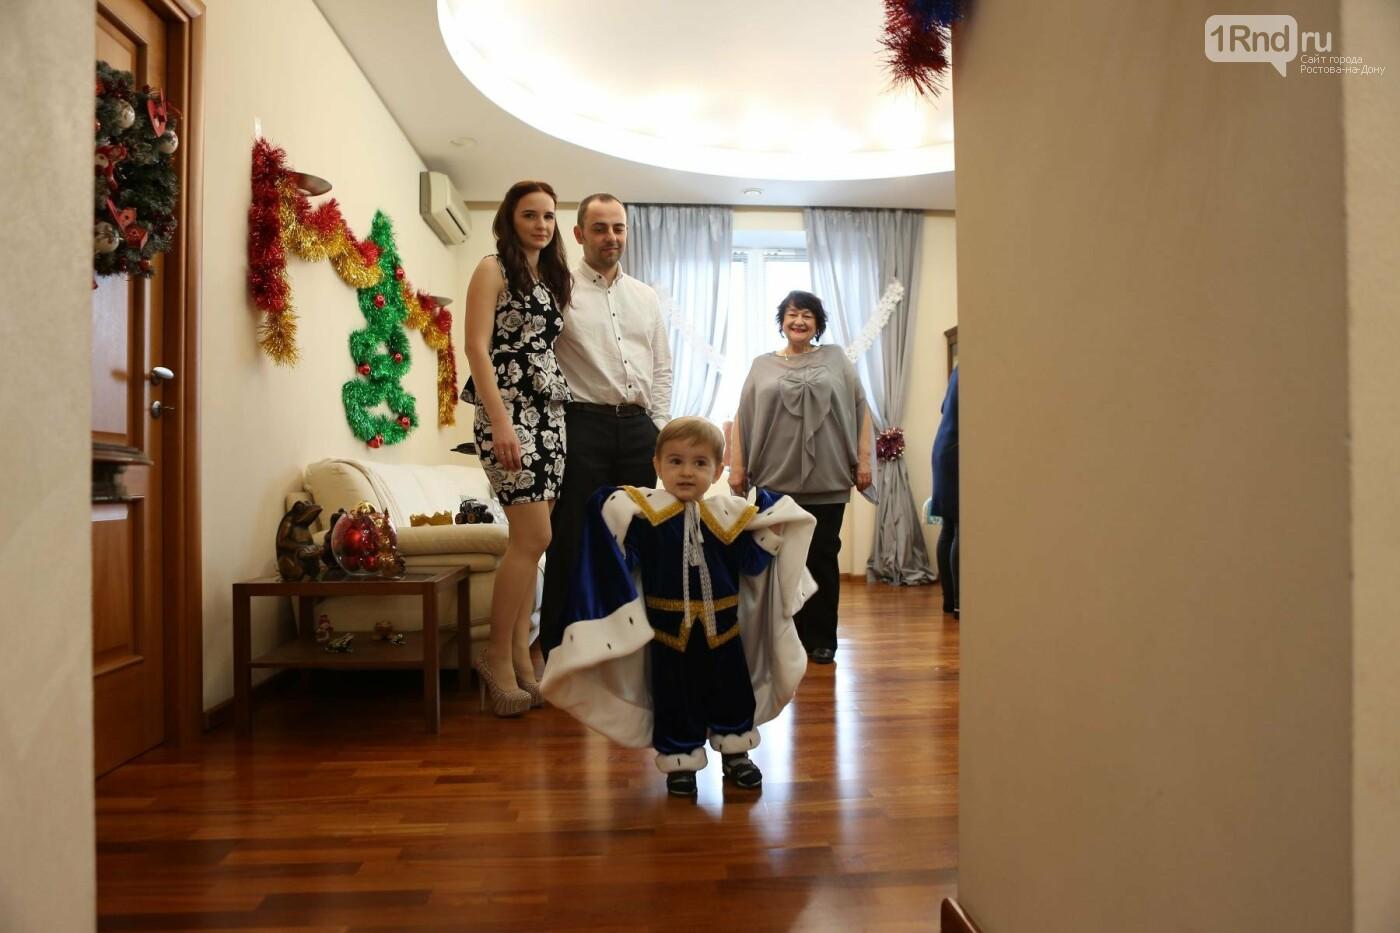 Четыре семьи из регионов России появятся в фильме «Елки новые»